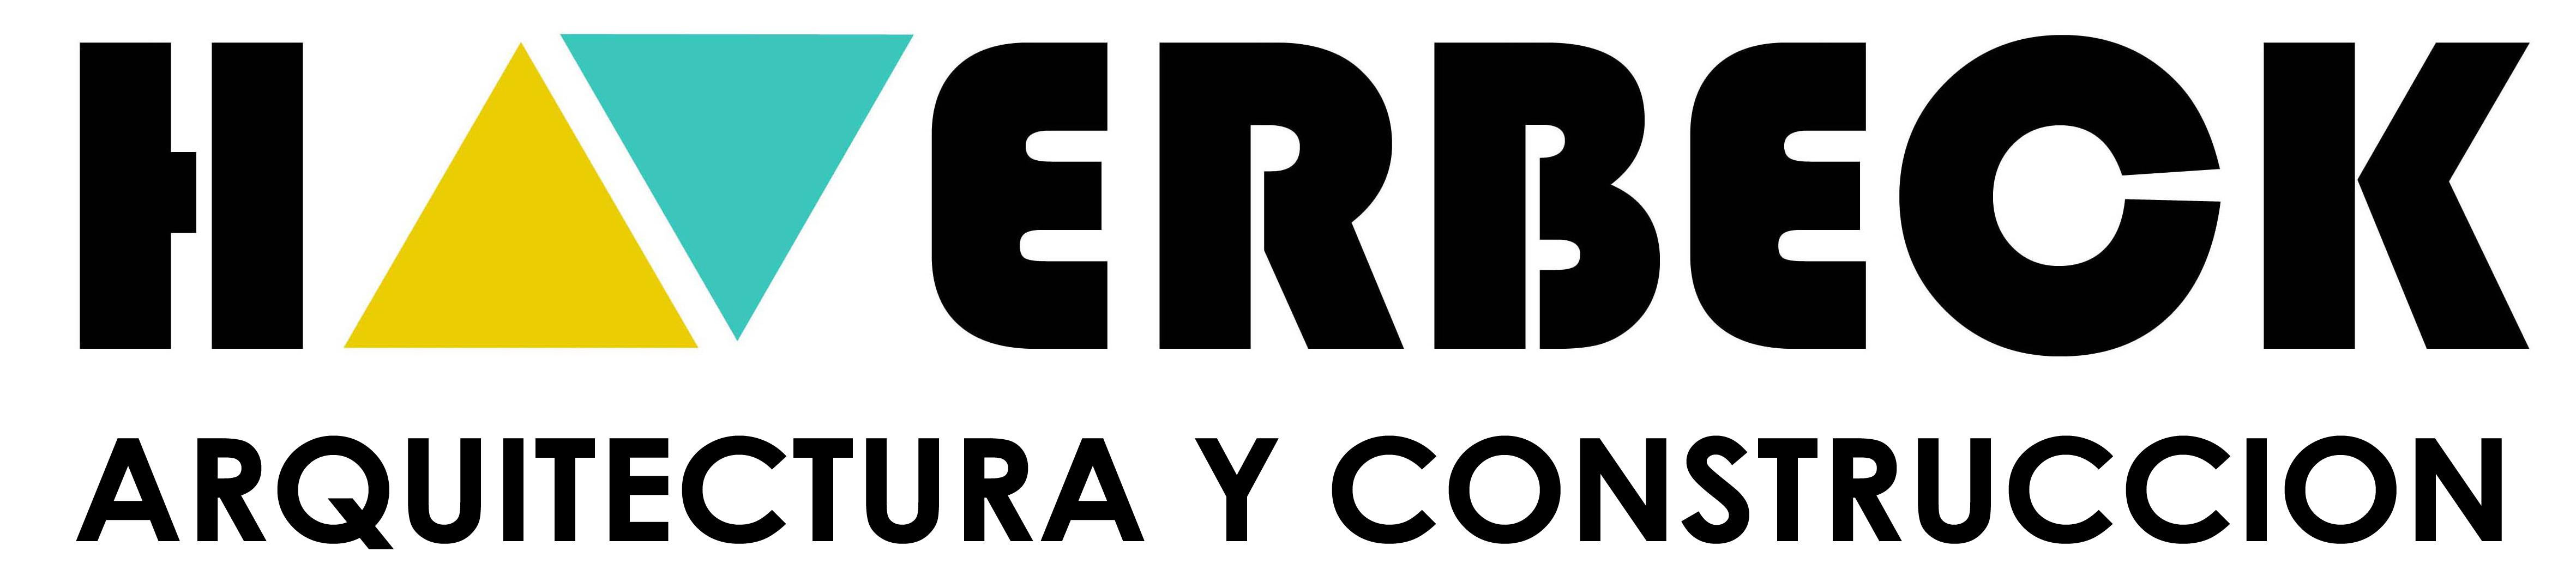 Constructora Haverbeck Y Compañía Limitada